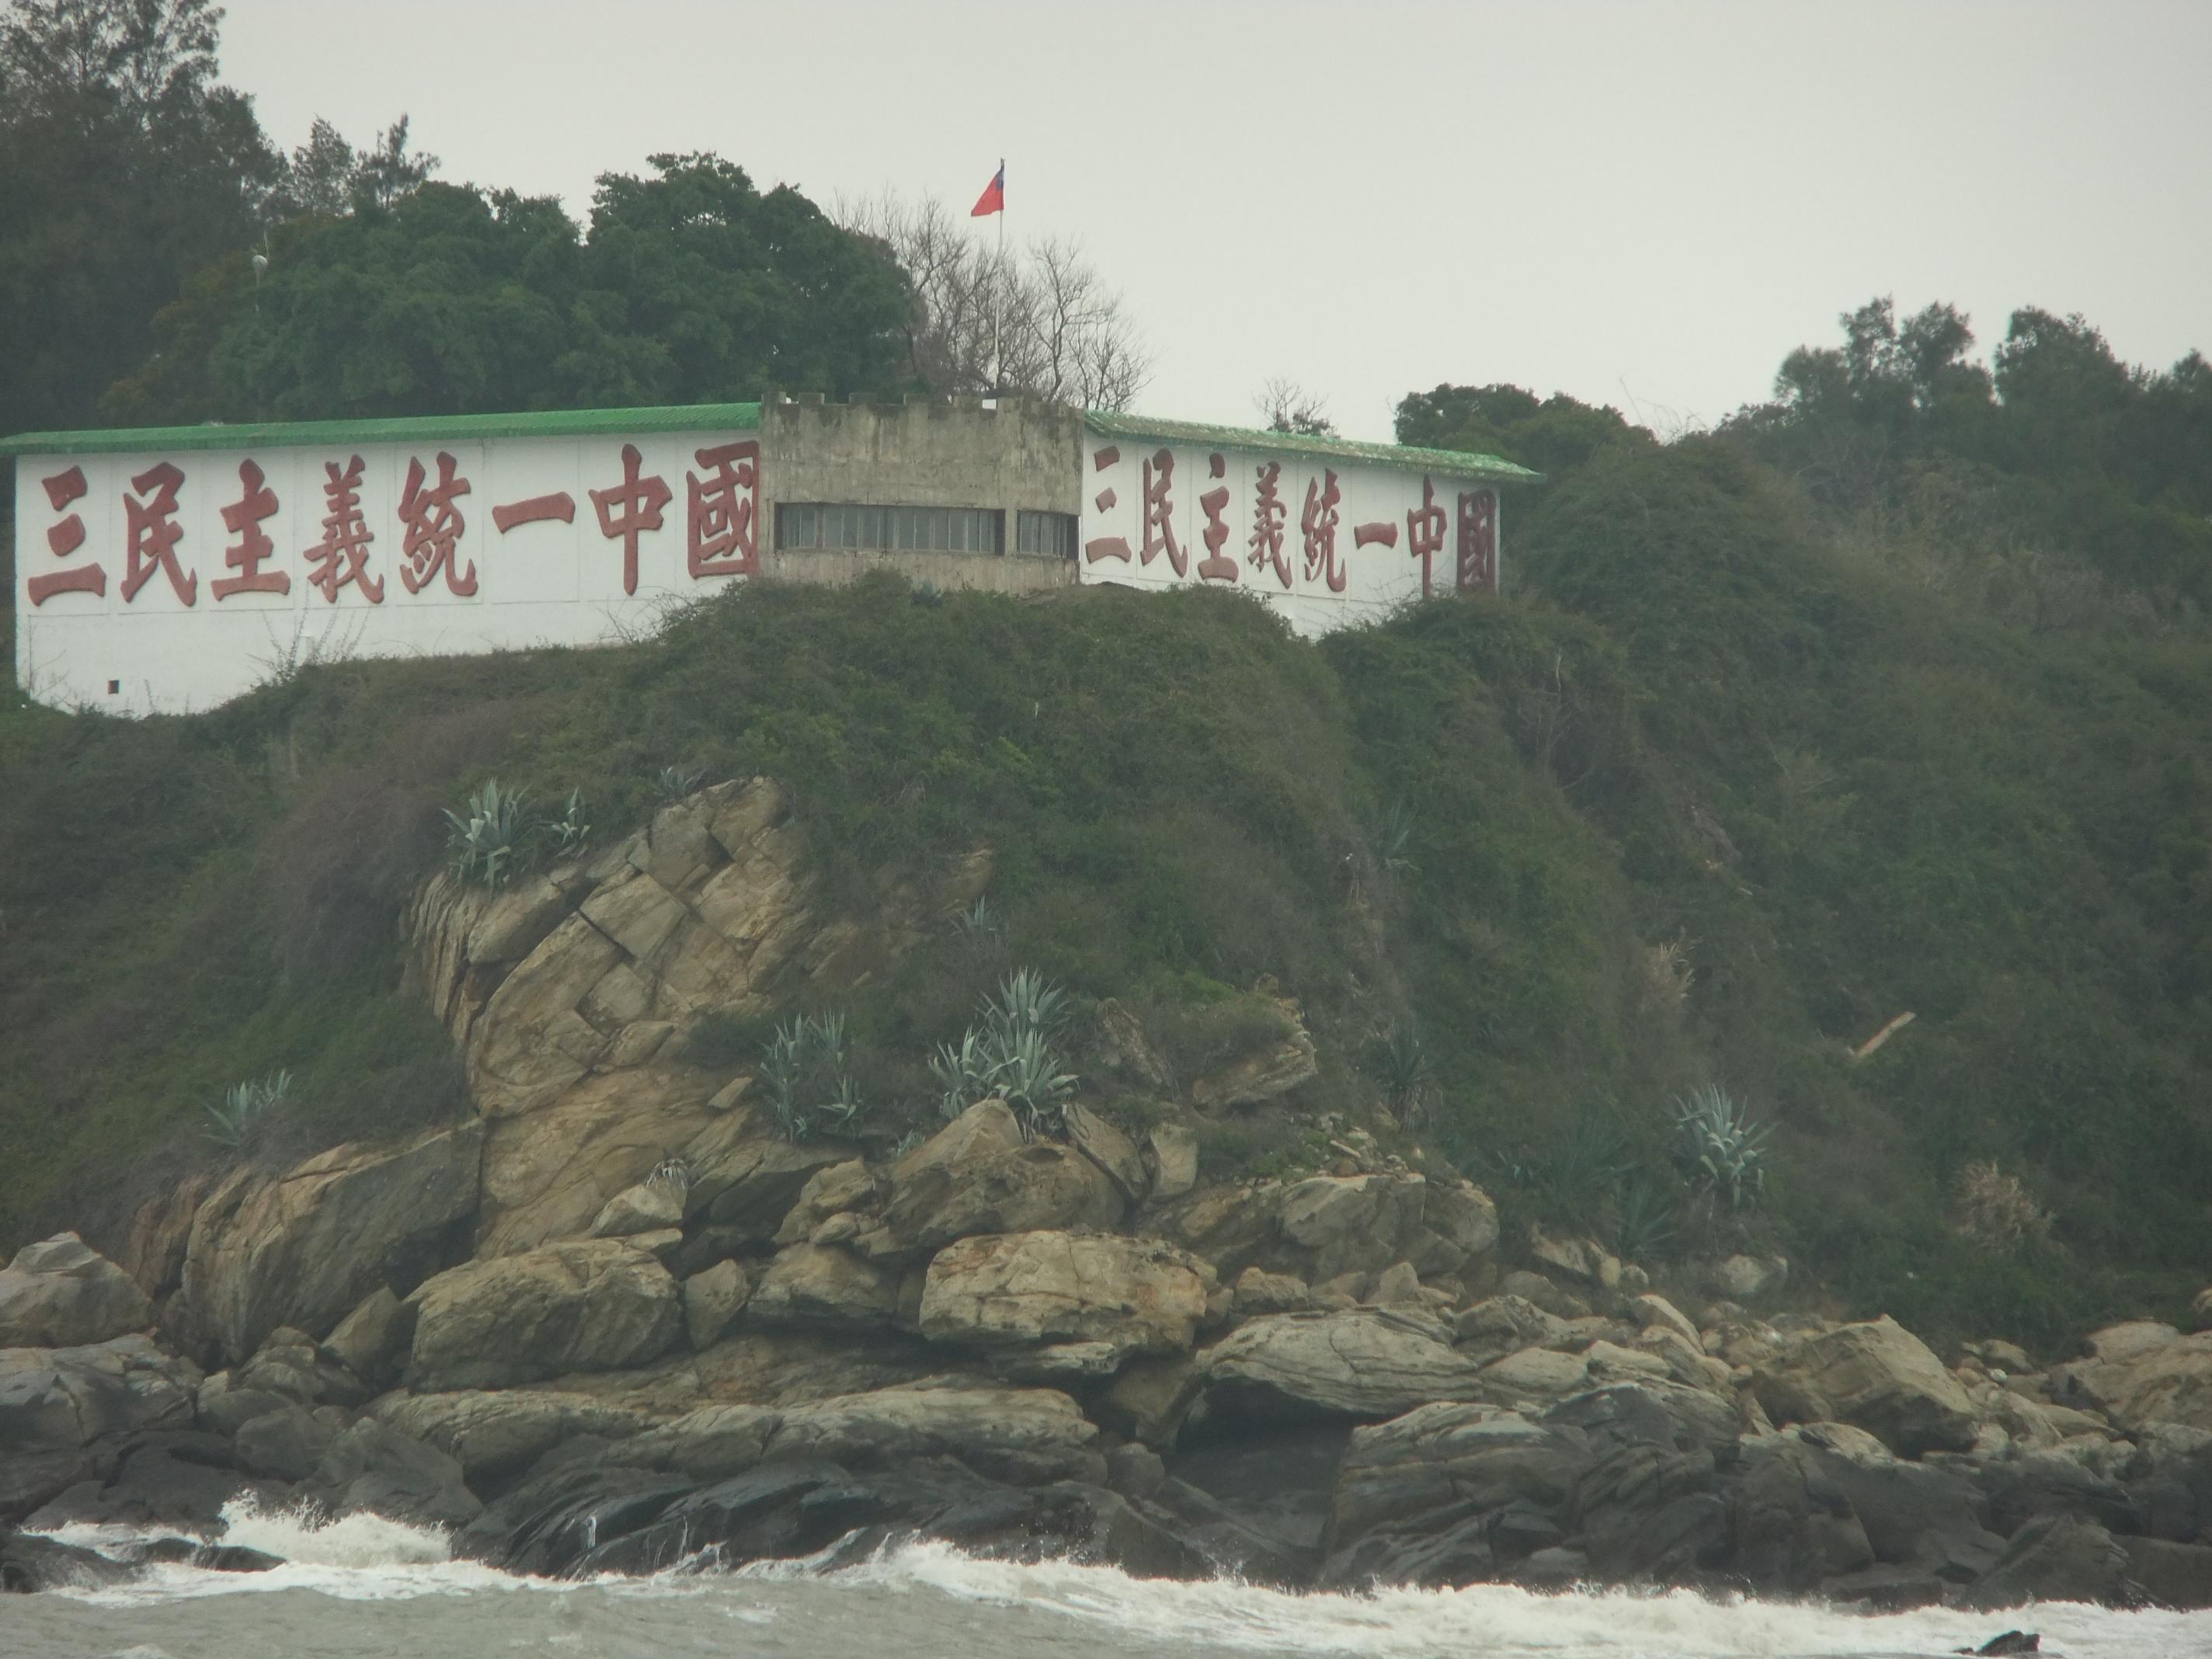 Kinmen offshore island - fortification - Sanmin Zhuyi - DSCF9356.JPG